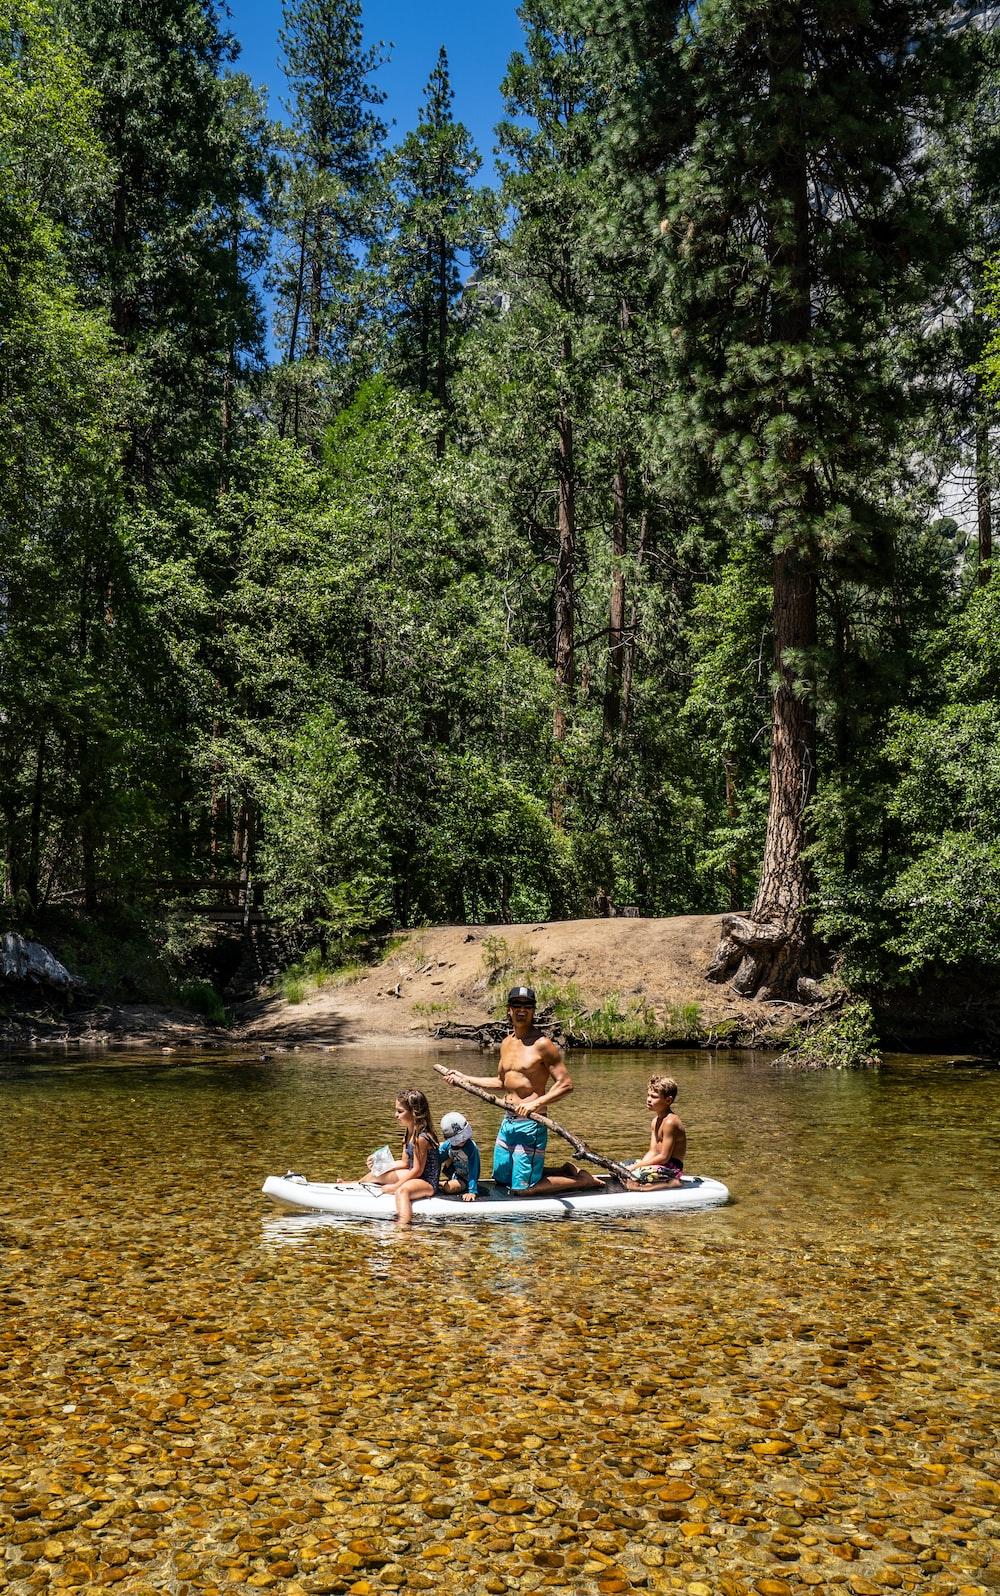 2 women riding on white kayak on river during daytime